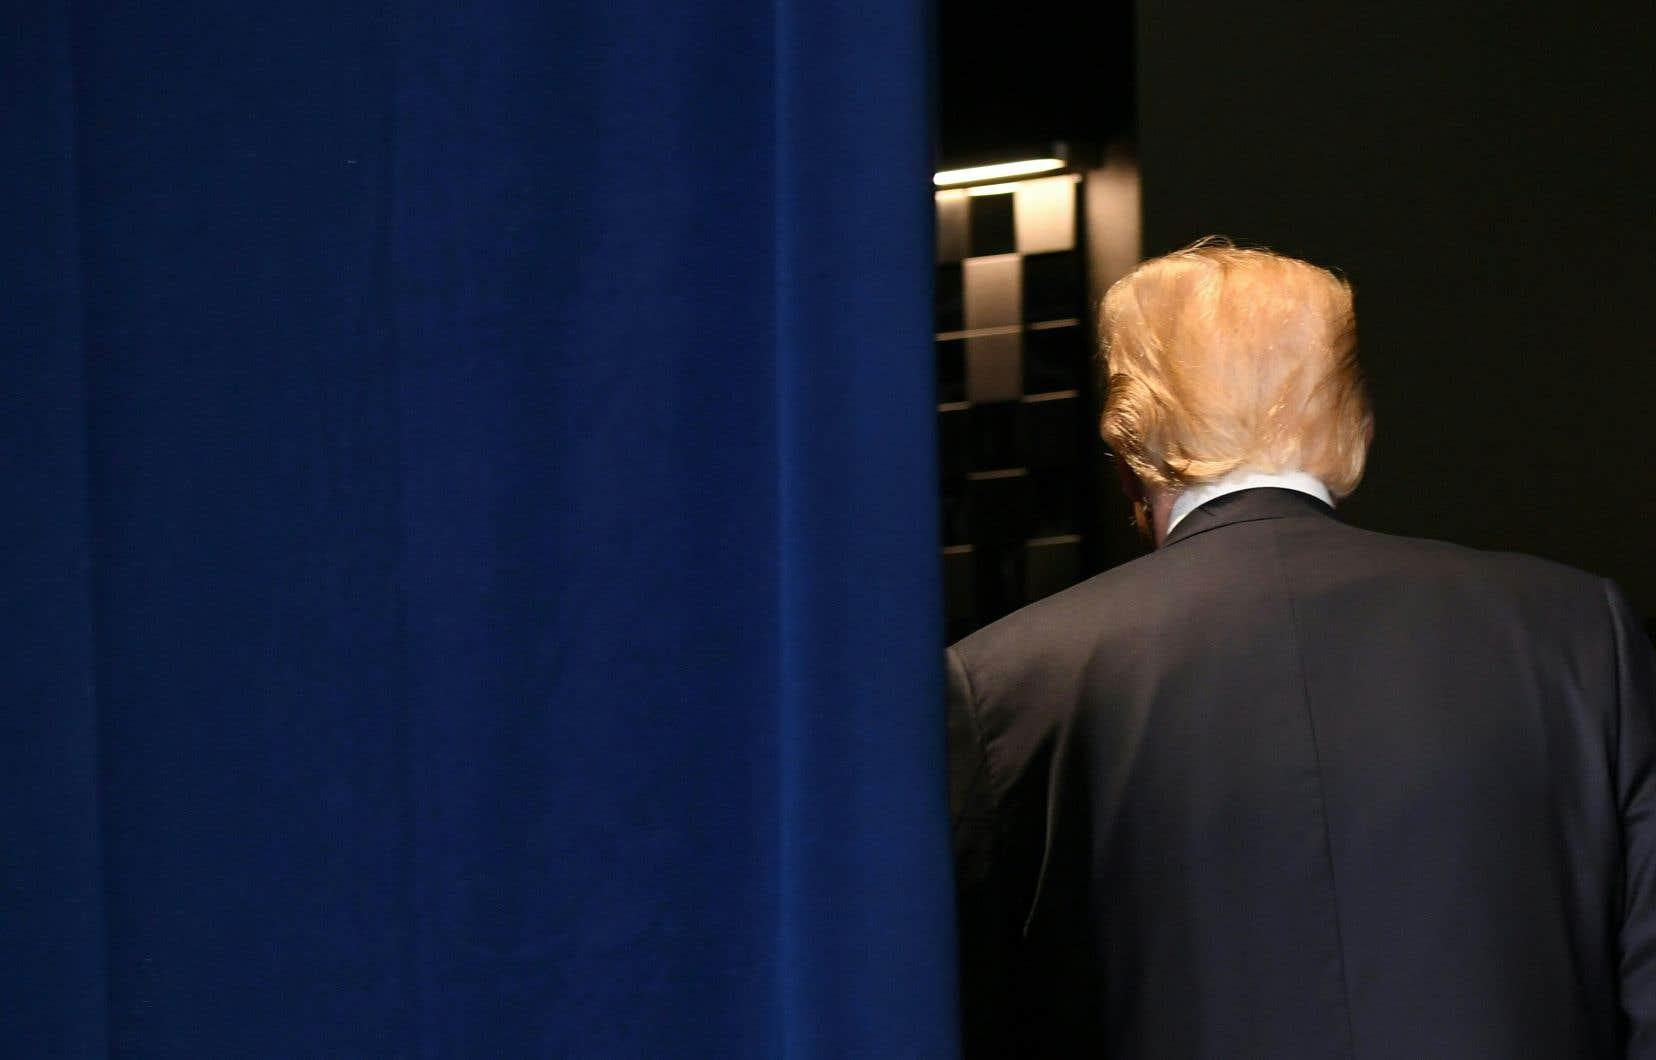 Le président américain, Donald Trump, s'est vanté samedi d'être capable de juger en cinq secondes de la valeur d'une personne.